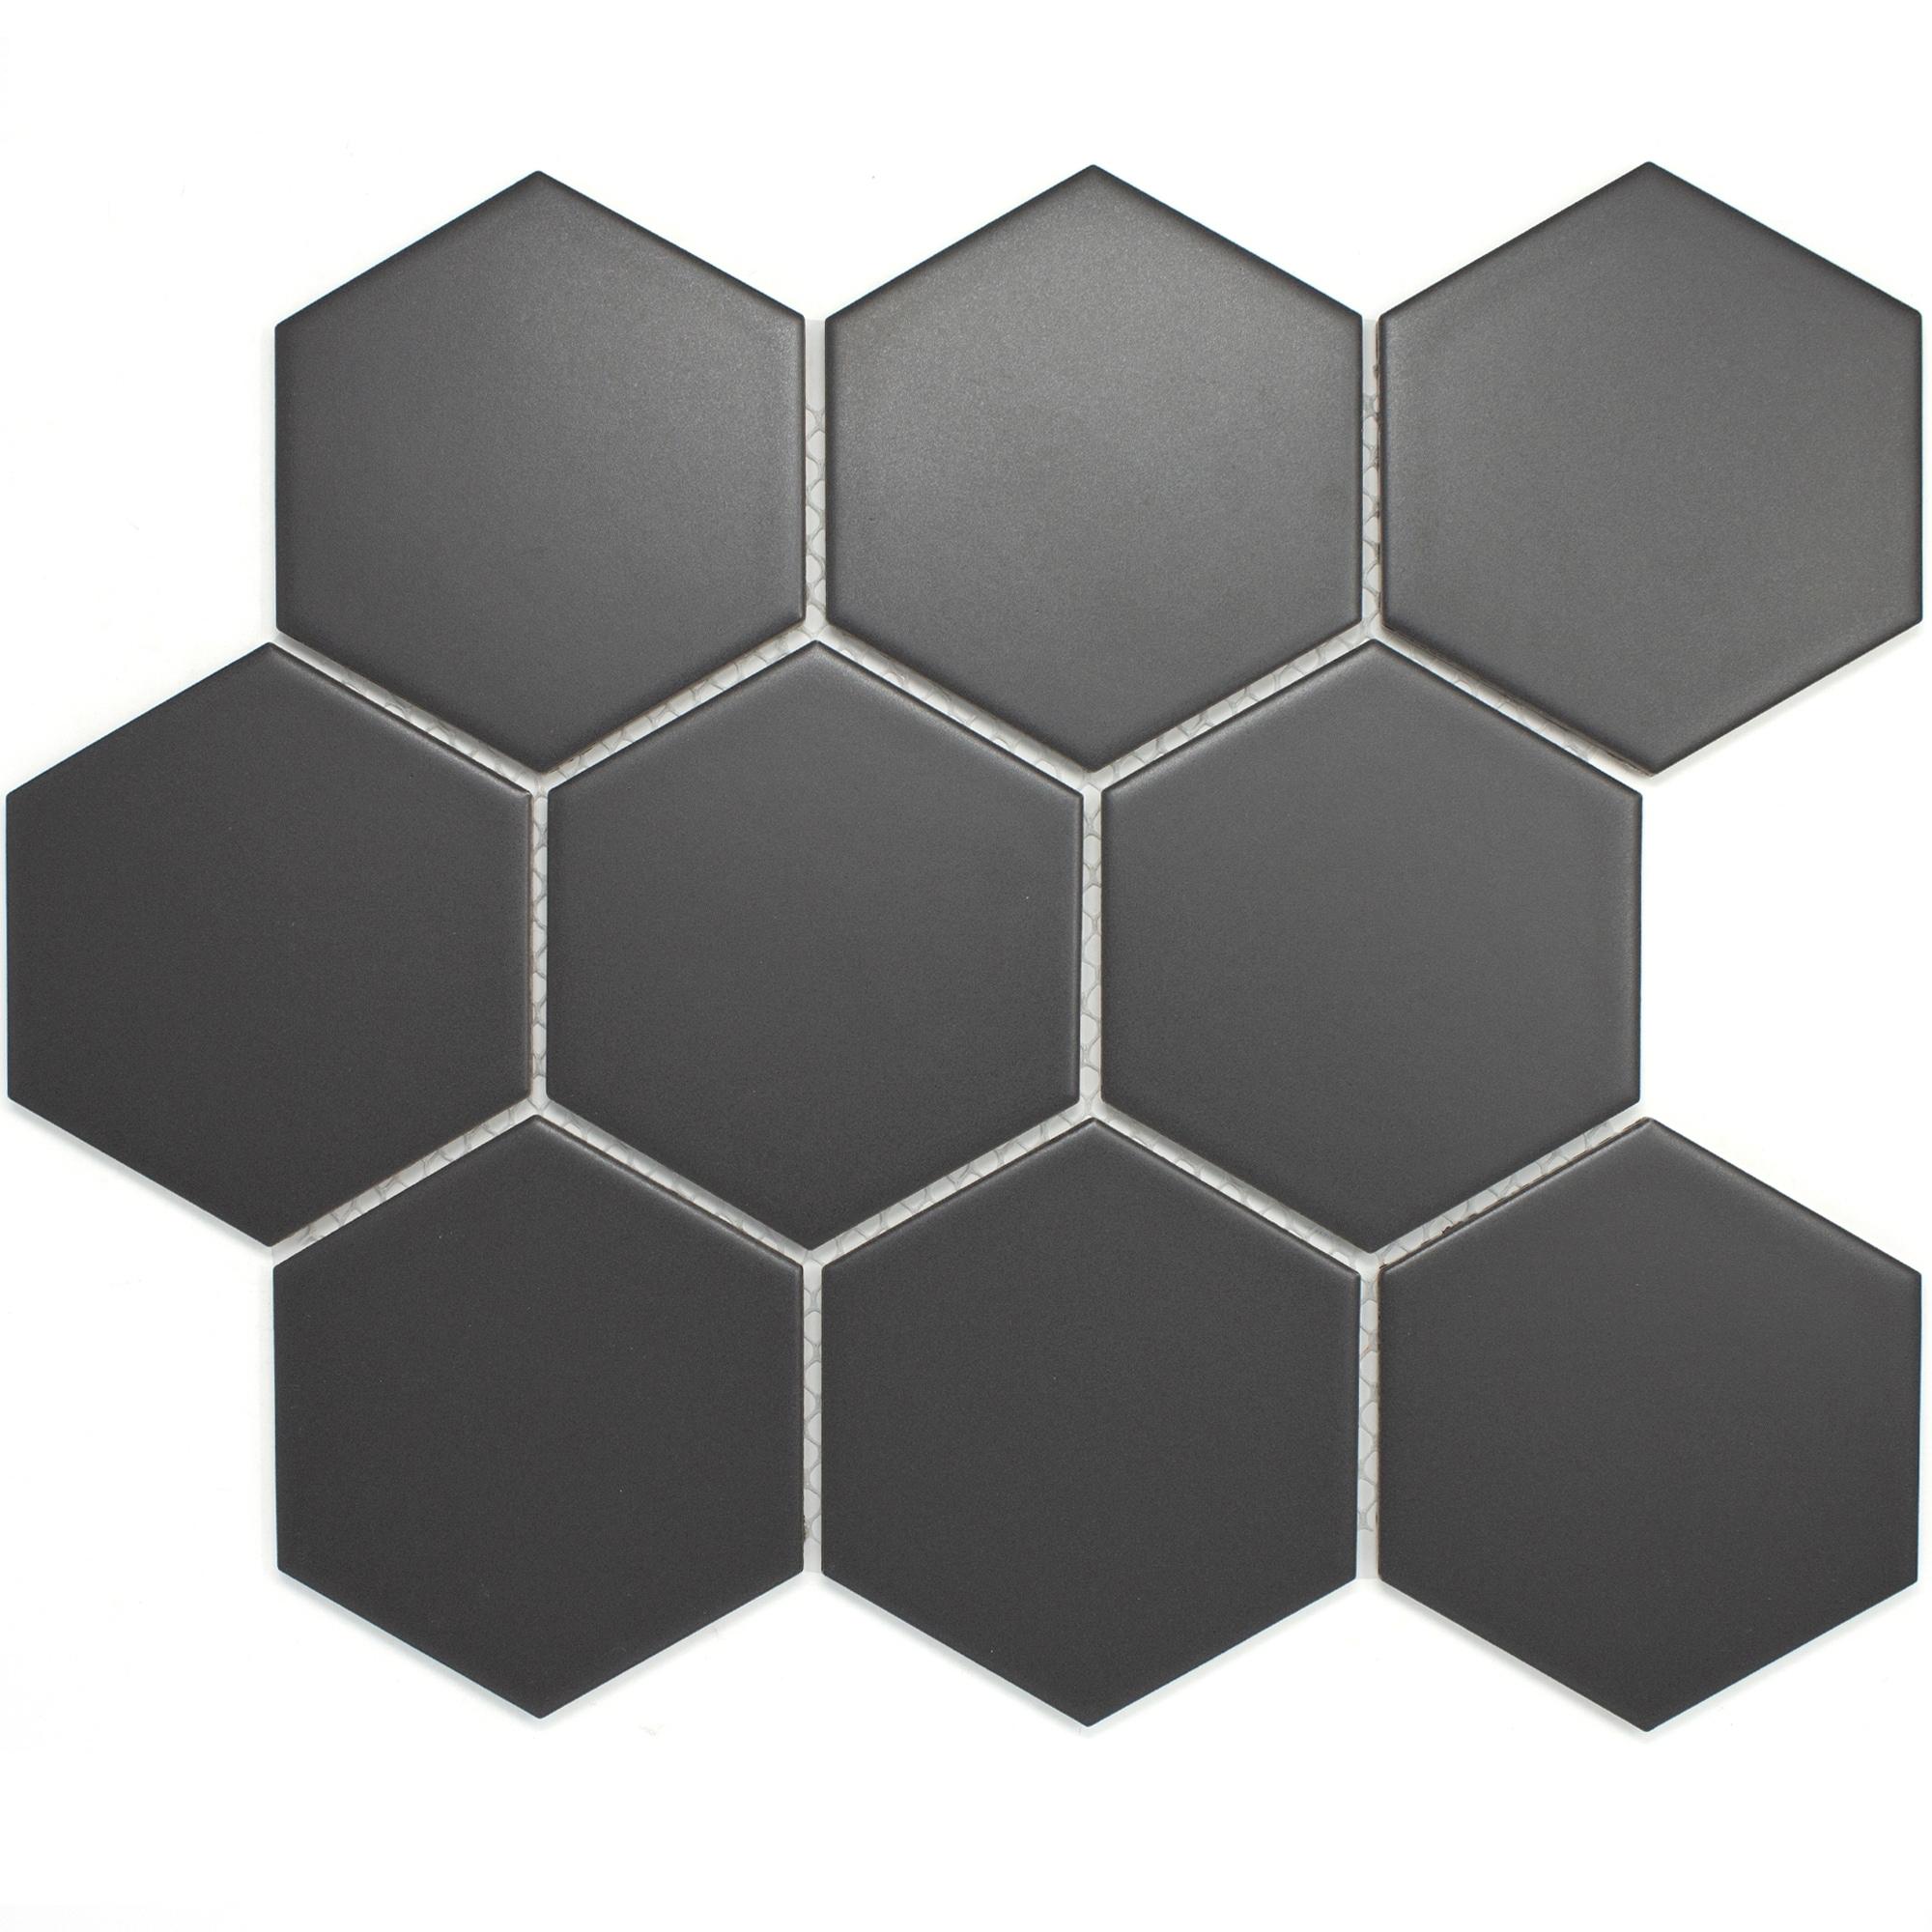 Hexagon Porcelain Tile In Dark Grey